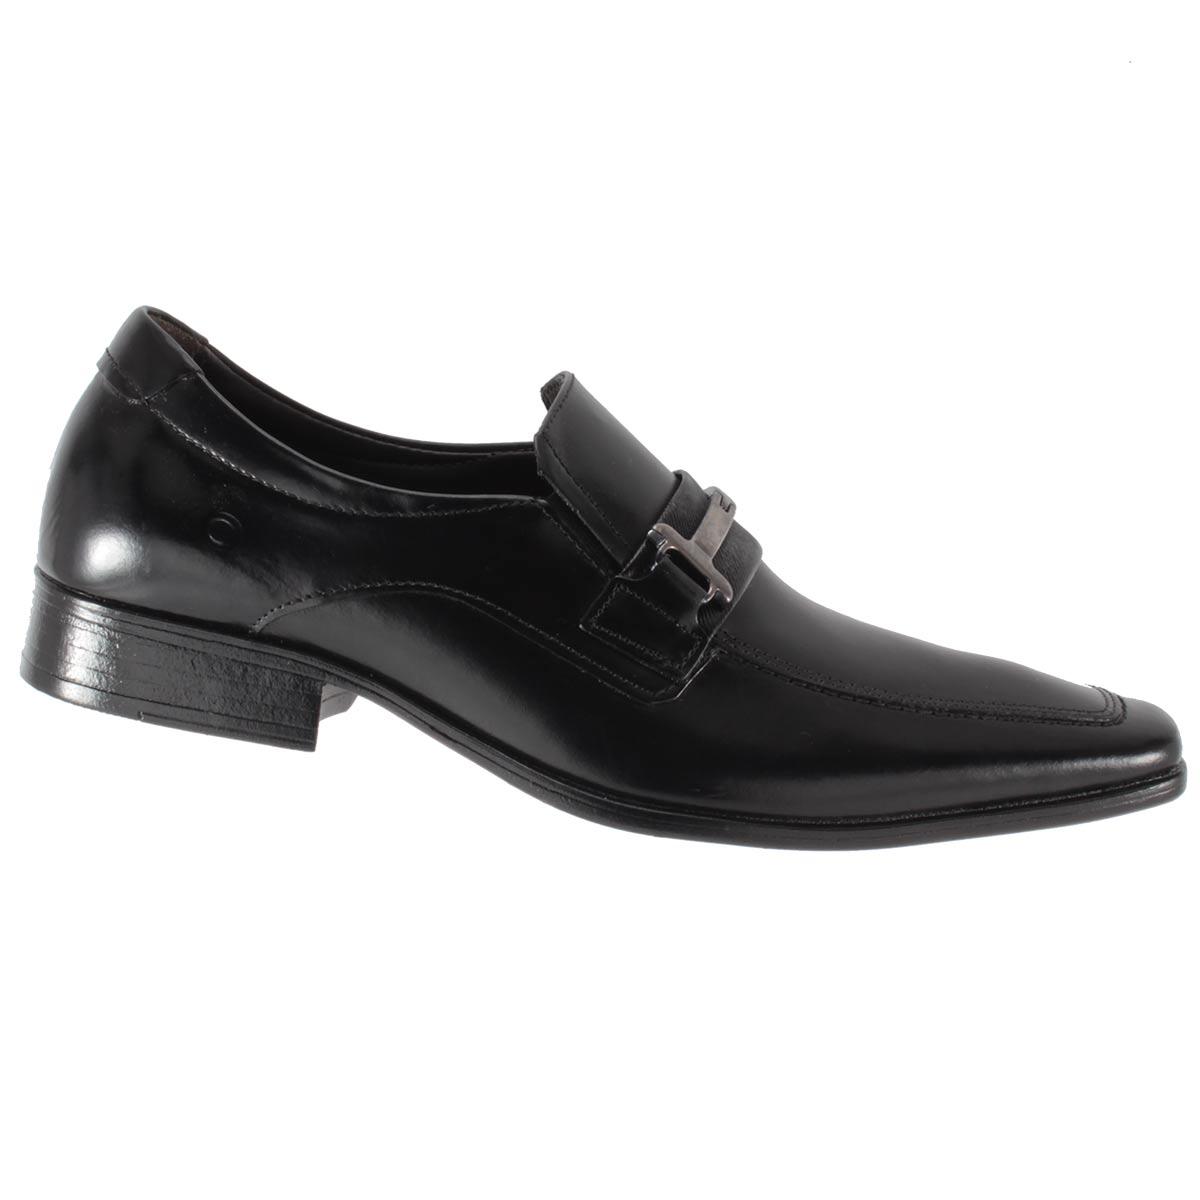 Sapato Social Democrata Denver Couro Fivela Masculino Lindo 450049  - Ian Calçados